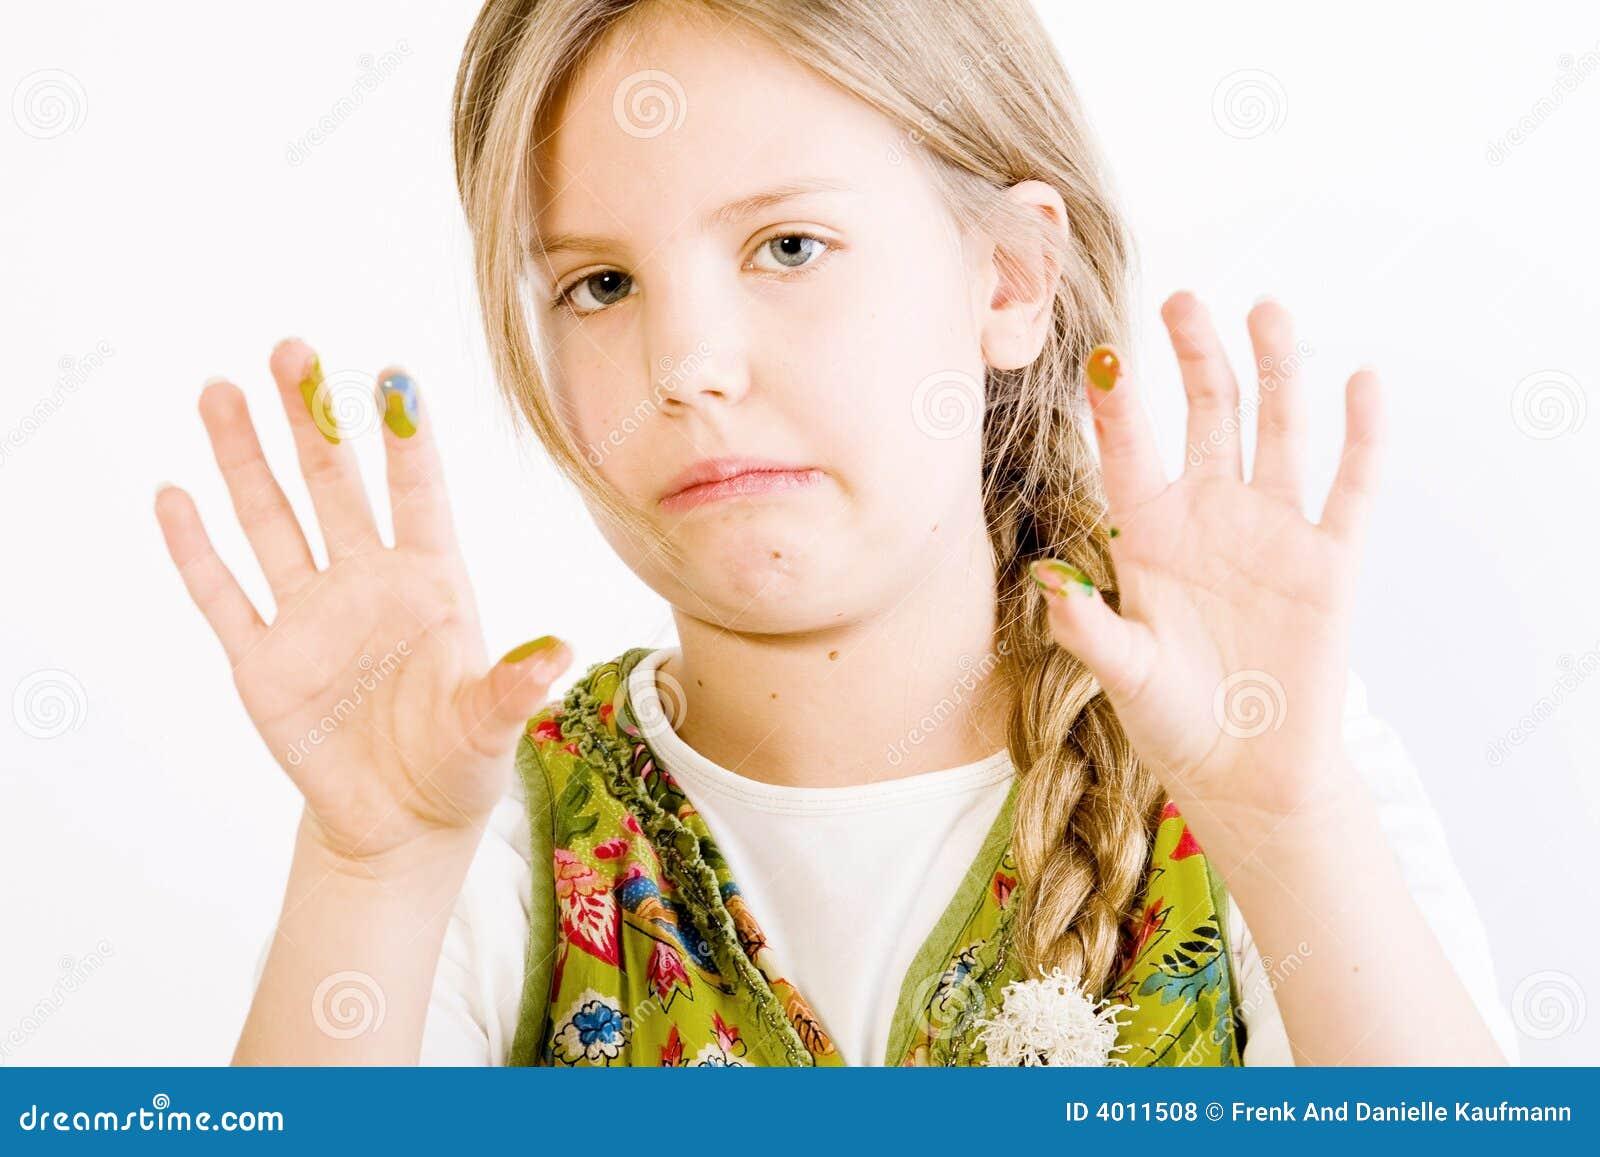 Jong meisje met verf op handen